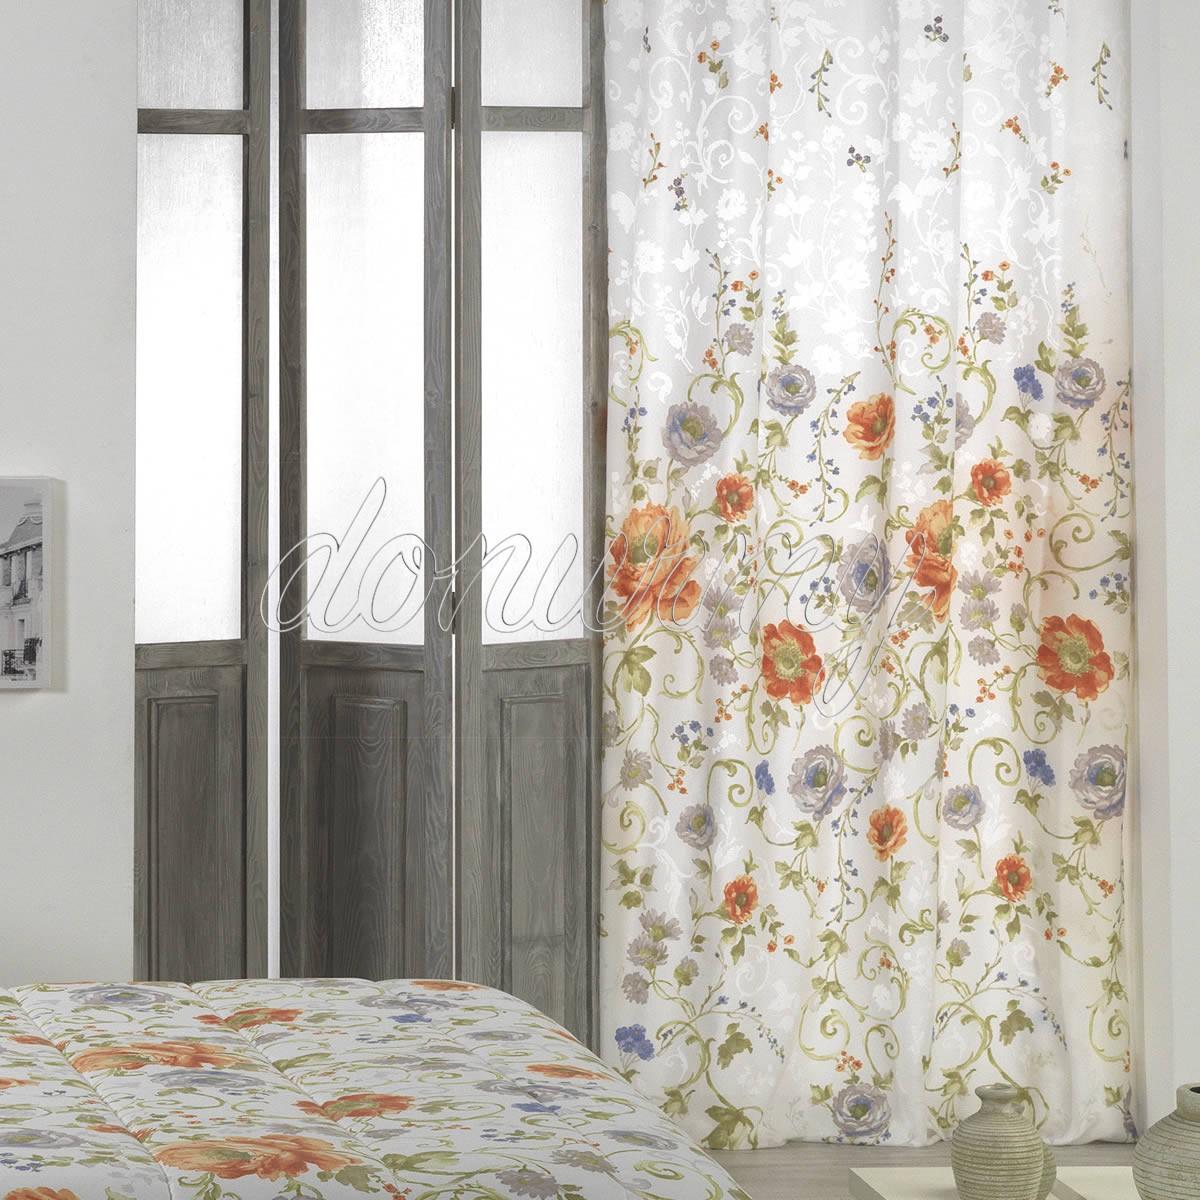 Ropa de cama para la decoraci n de oto o con m s estilo de - Cortinas el visillo ...